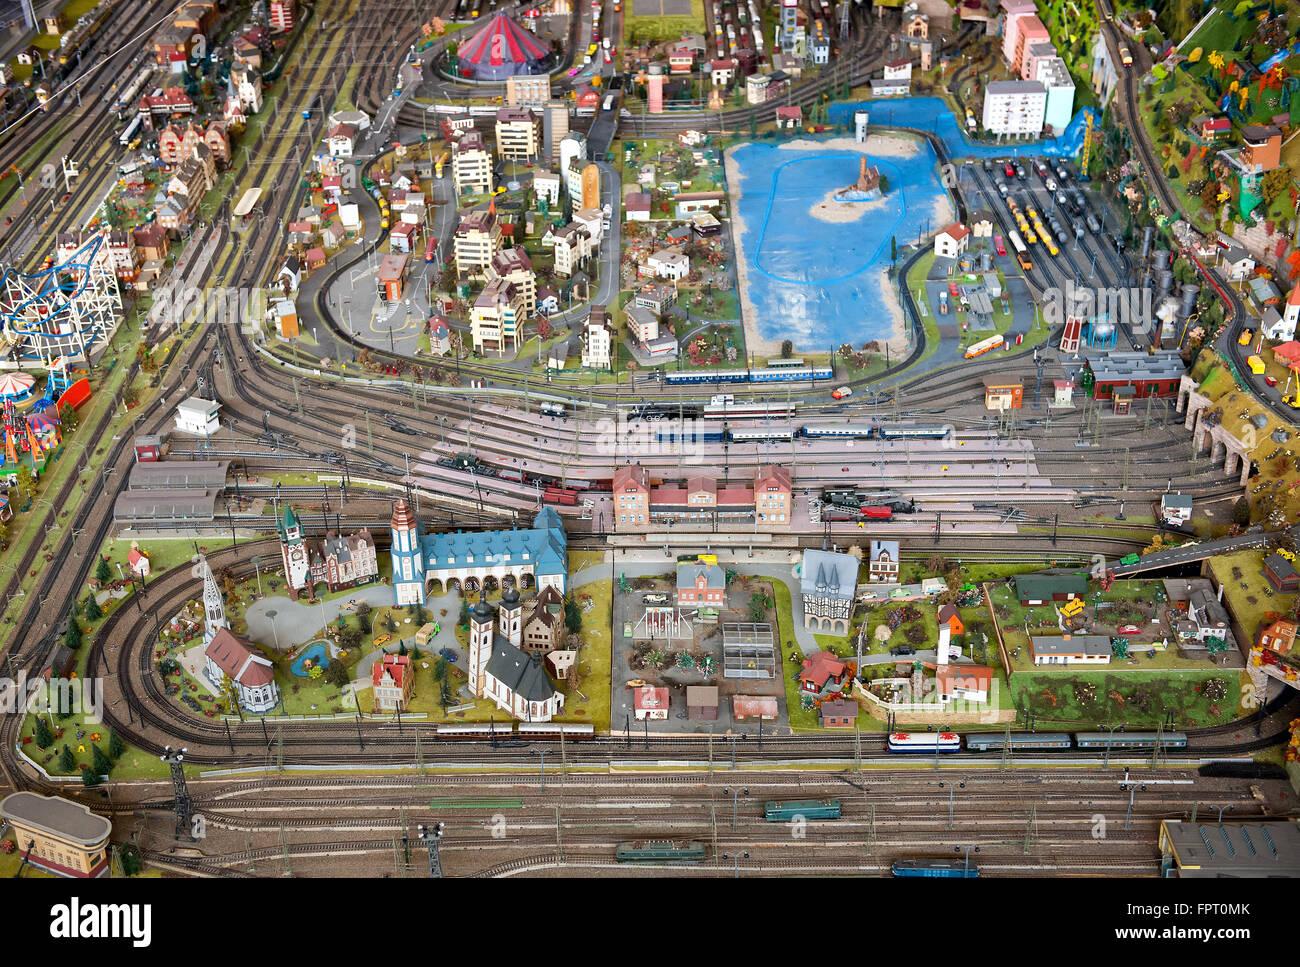 Maßstabsgetreuen Modell einer Stadt oder Stadt und zeigt die Straße und Schiene Infrastruktur und Gebäude Stockbild